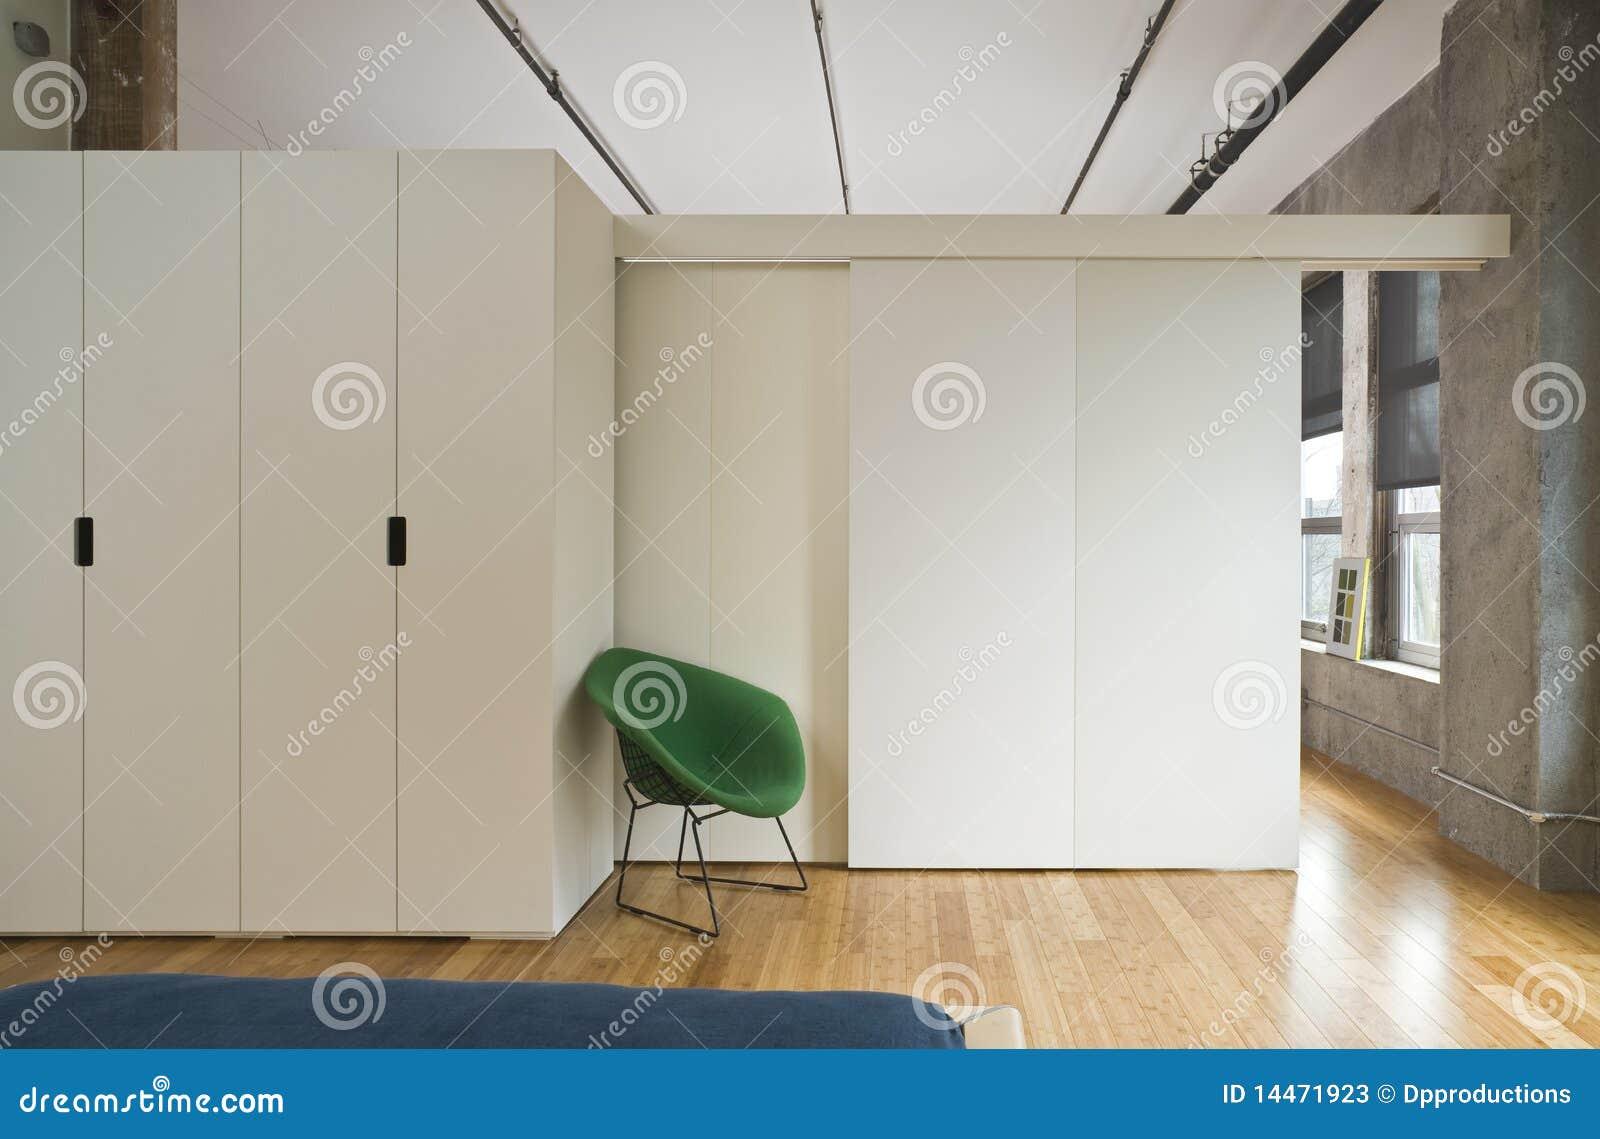 De moderne slaapkamer van de zolder stock foto 39 s afbeelding 14471923 - Moderne slaapkamer met kleedkamer ...